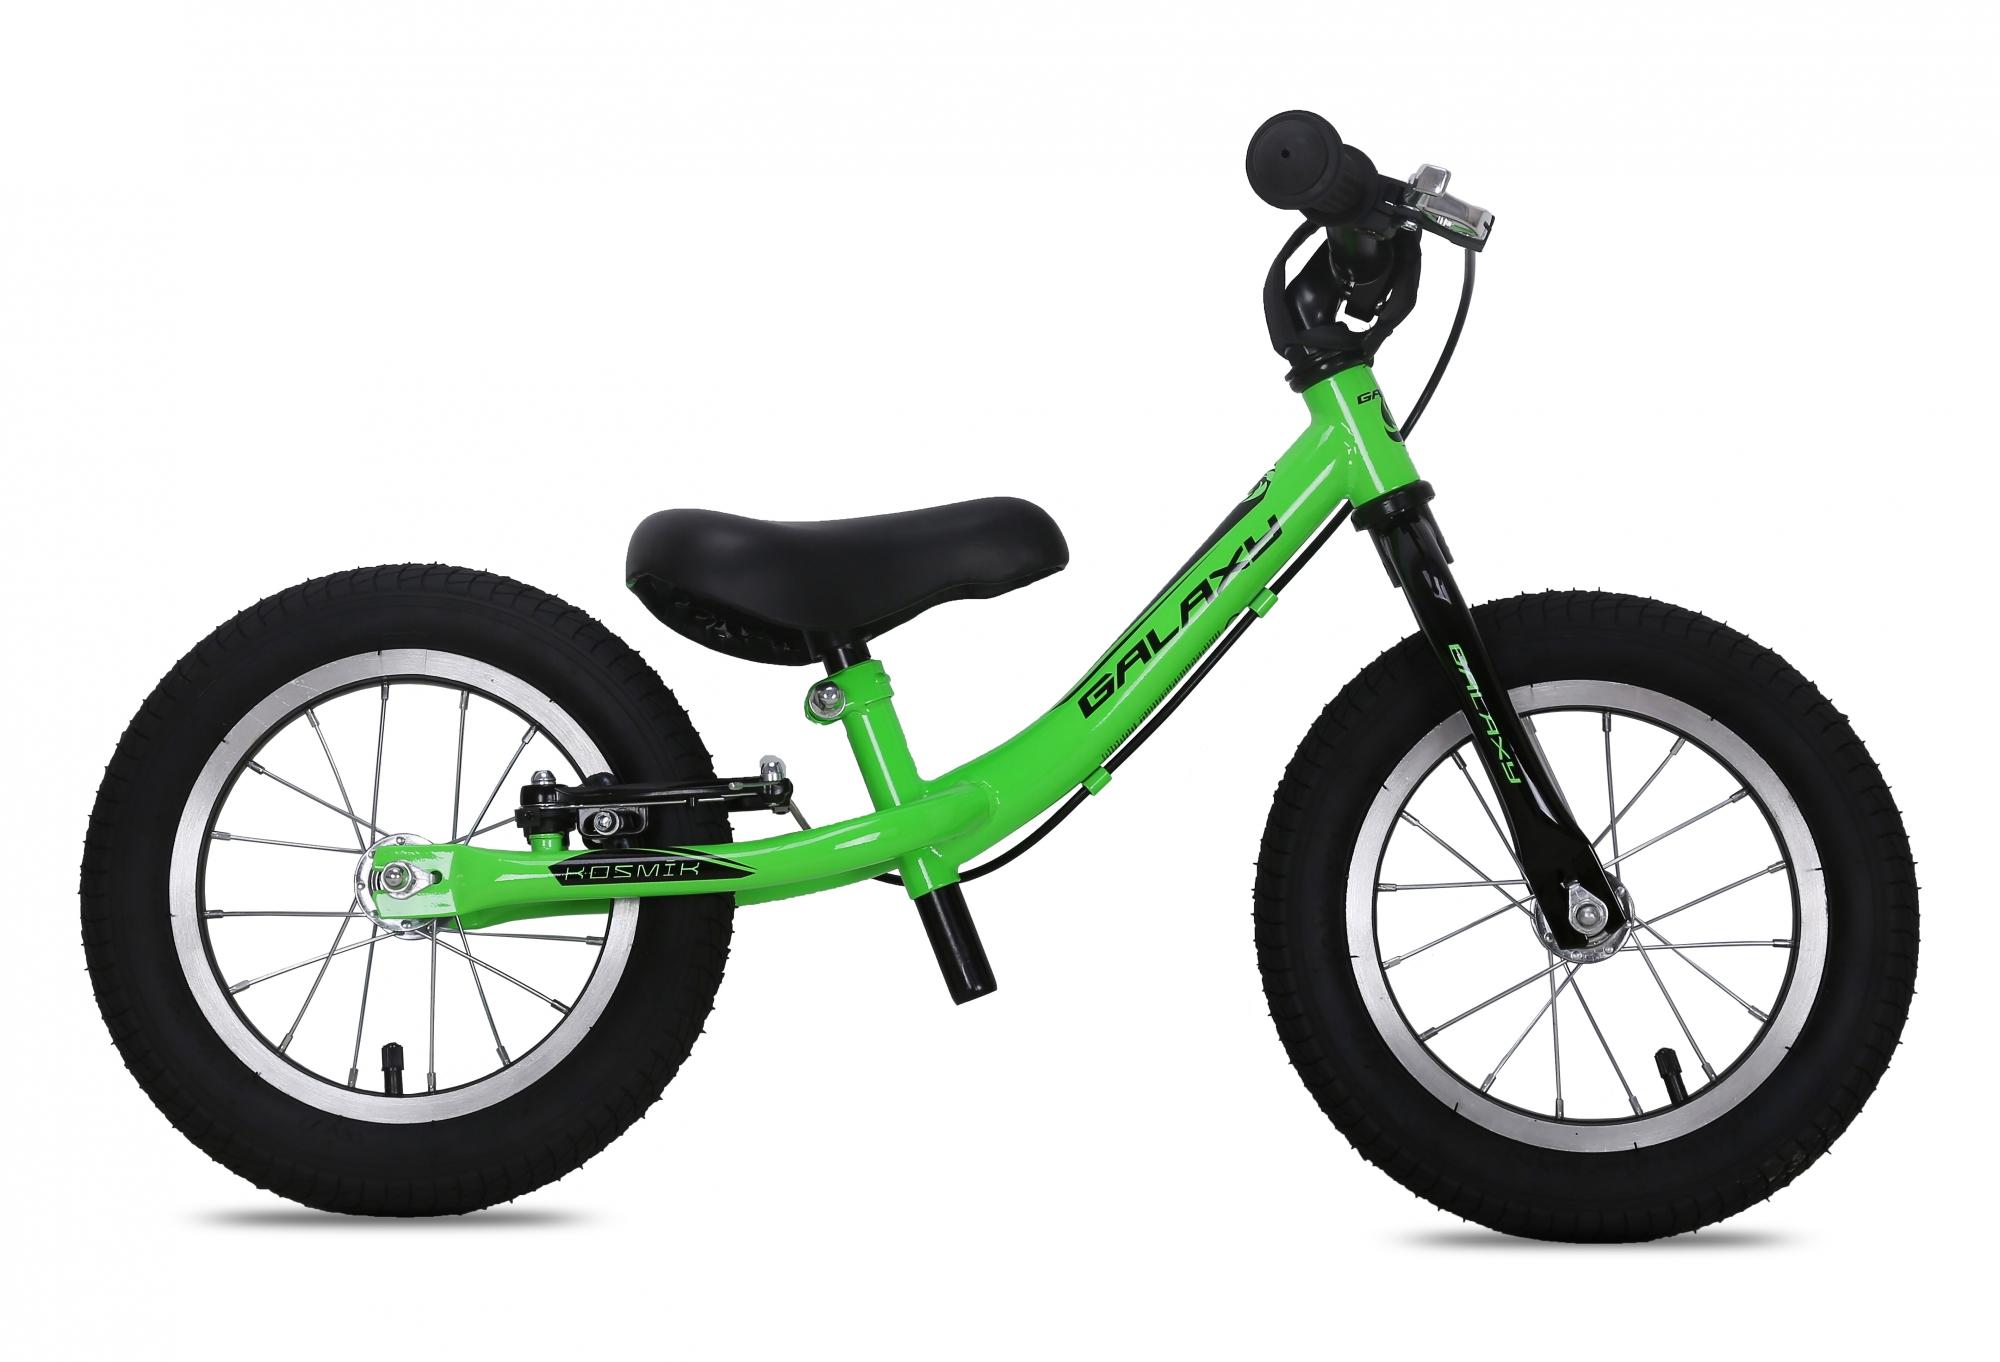 Odrážedlo GALAXY KOSMÍK zelená 2016, ZDARMA dopravné! (barva zelená, s brzdou, nafukovací pneu)